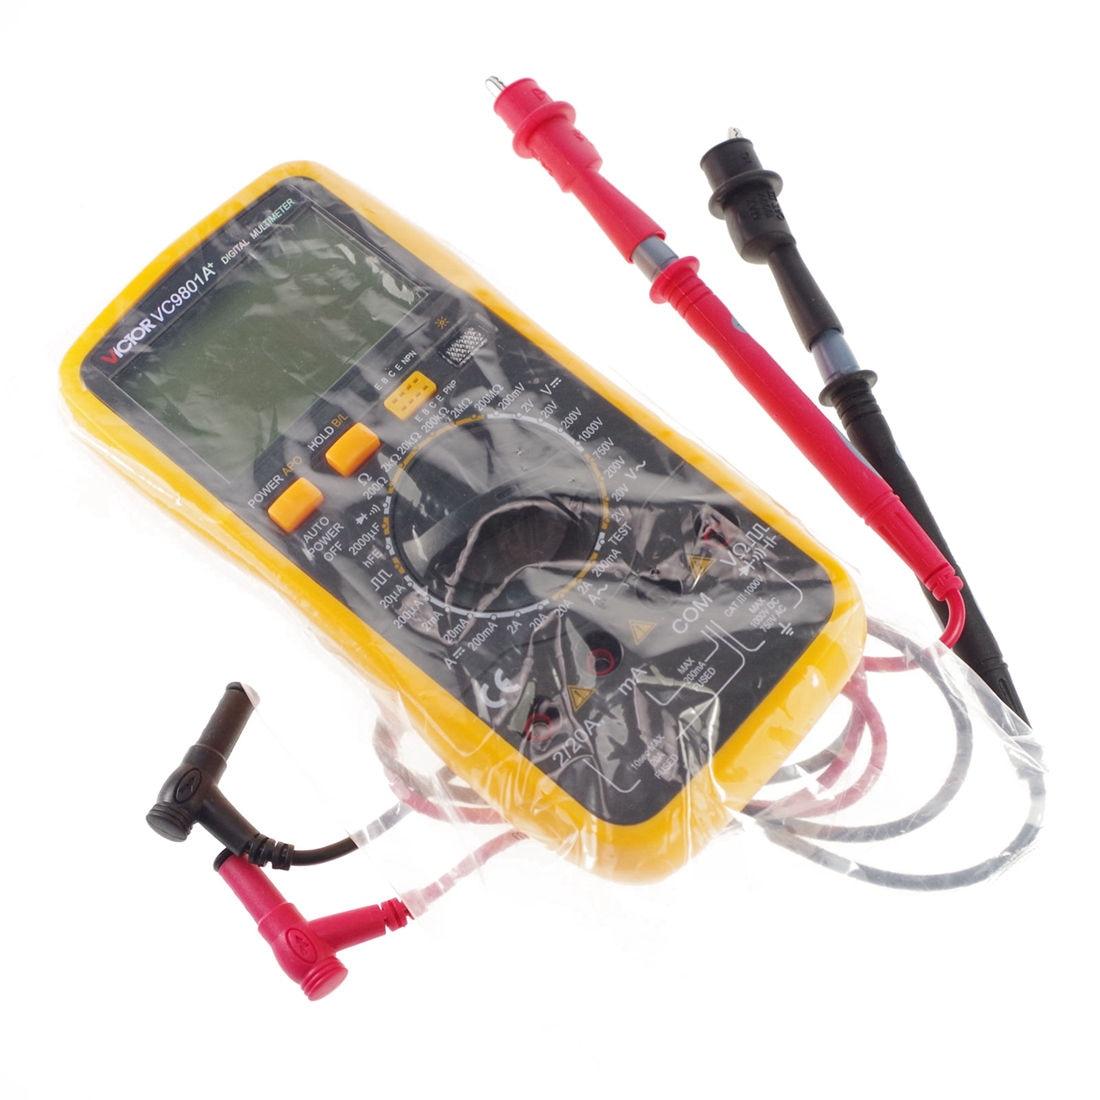 Victor AC DC Voltmeter Ohmmeter Ammeter Multimeter Digital Meter VC9801A+  цены